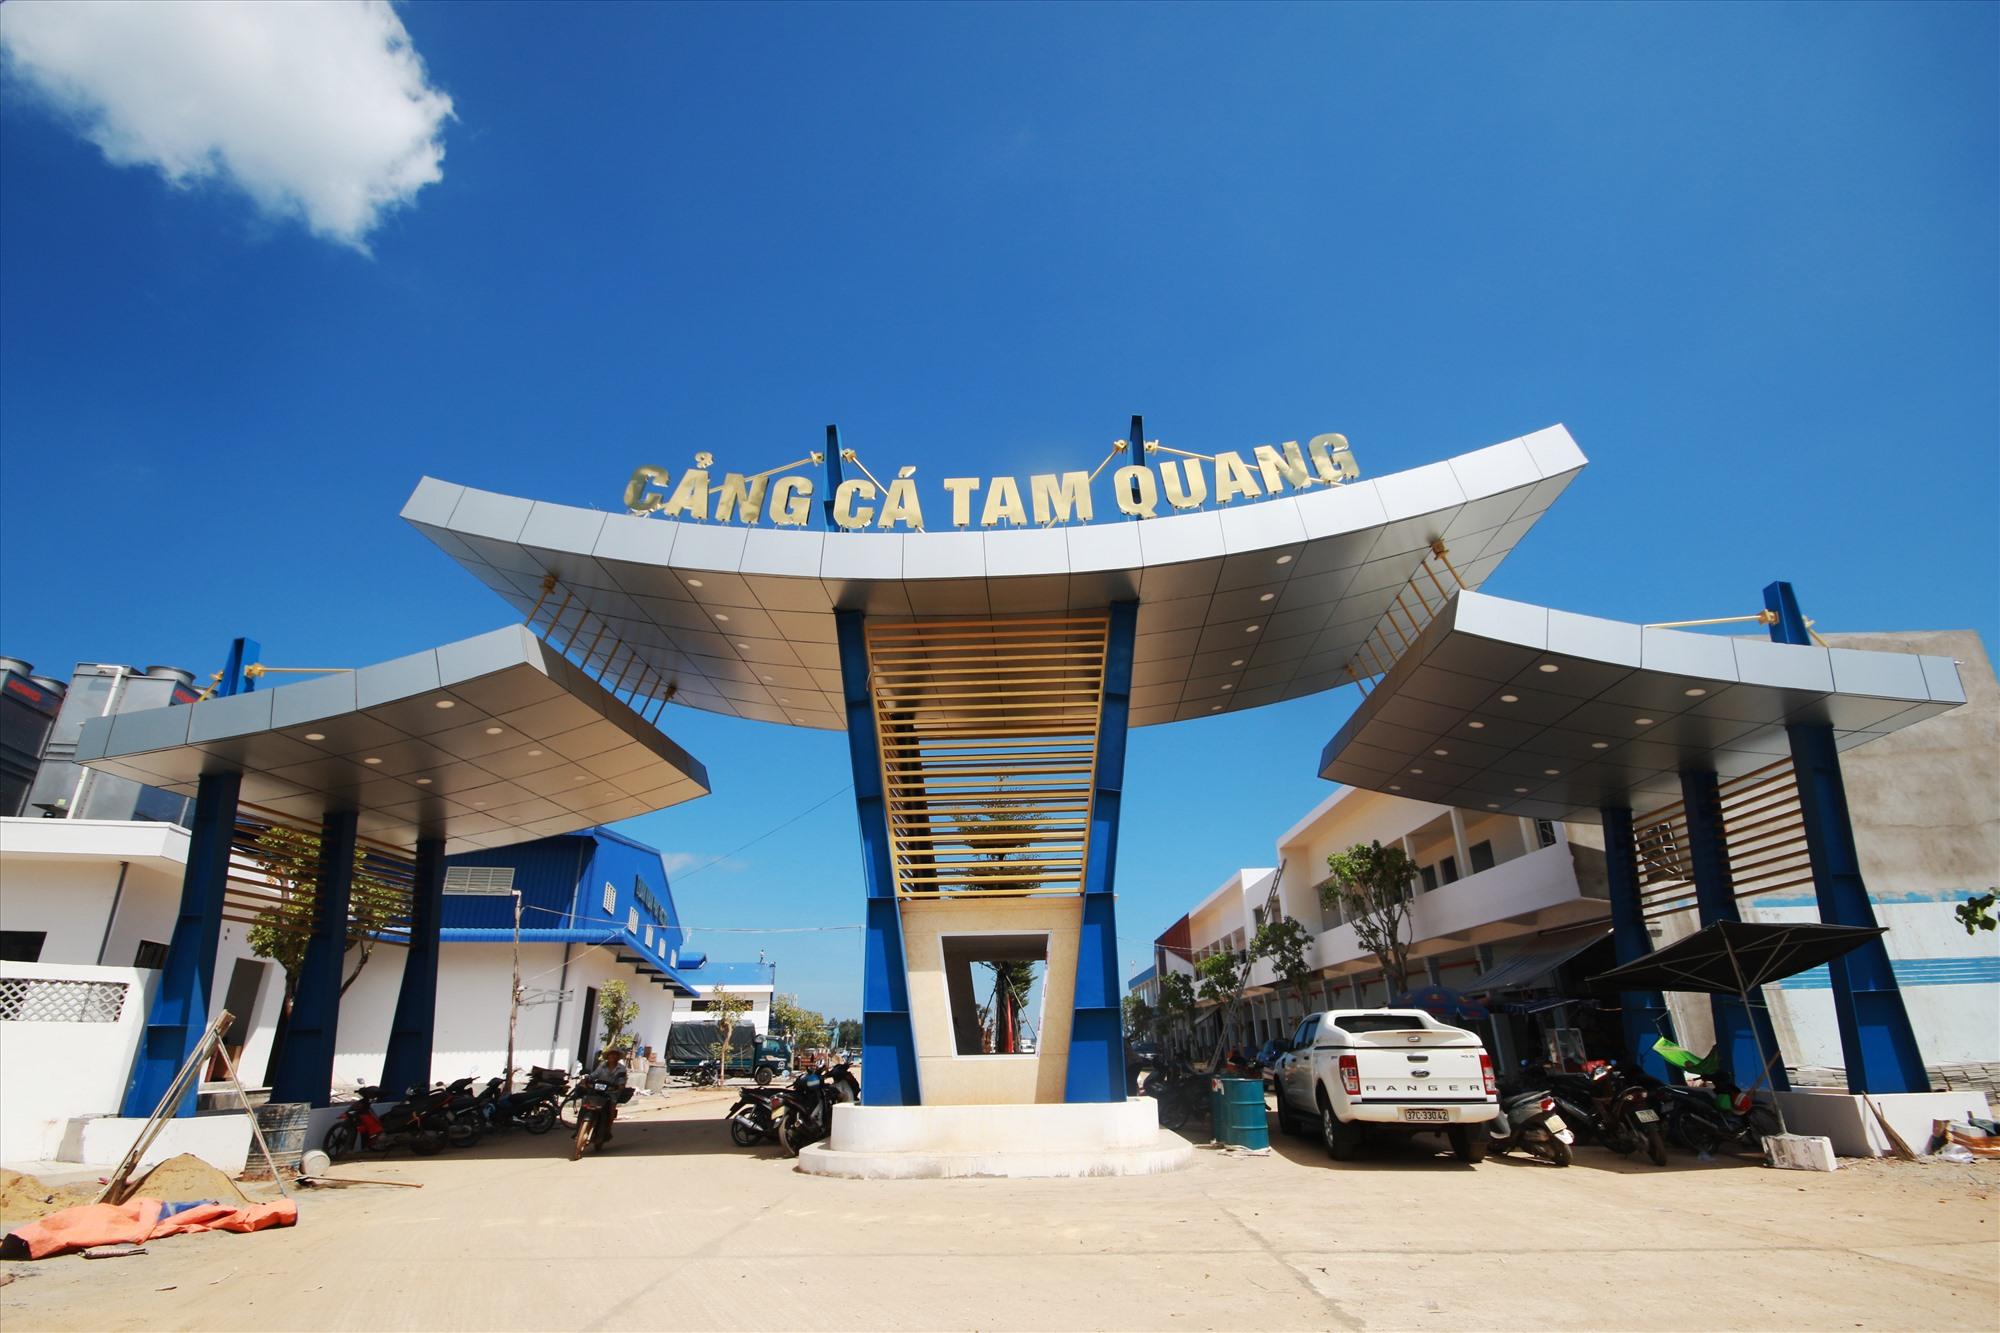 Cảng cá Tam Quang có vốn bồi thường, hỗ trợ giải phóng mặt bằng đầu tư xây dựng khoảng 5,4 tỷ đồng, song mới chỉ giải ngân hơn 2 tỷ đồng. Ảnh: T.C